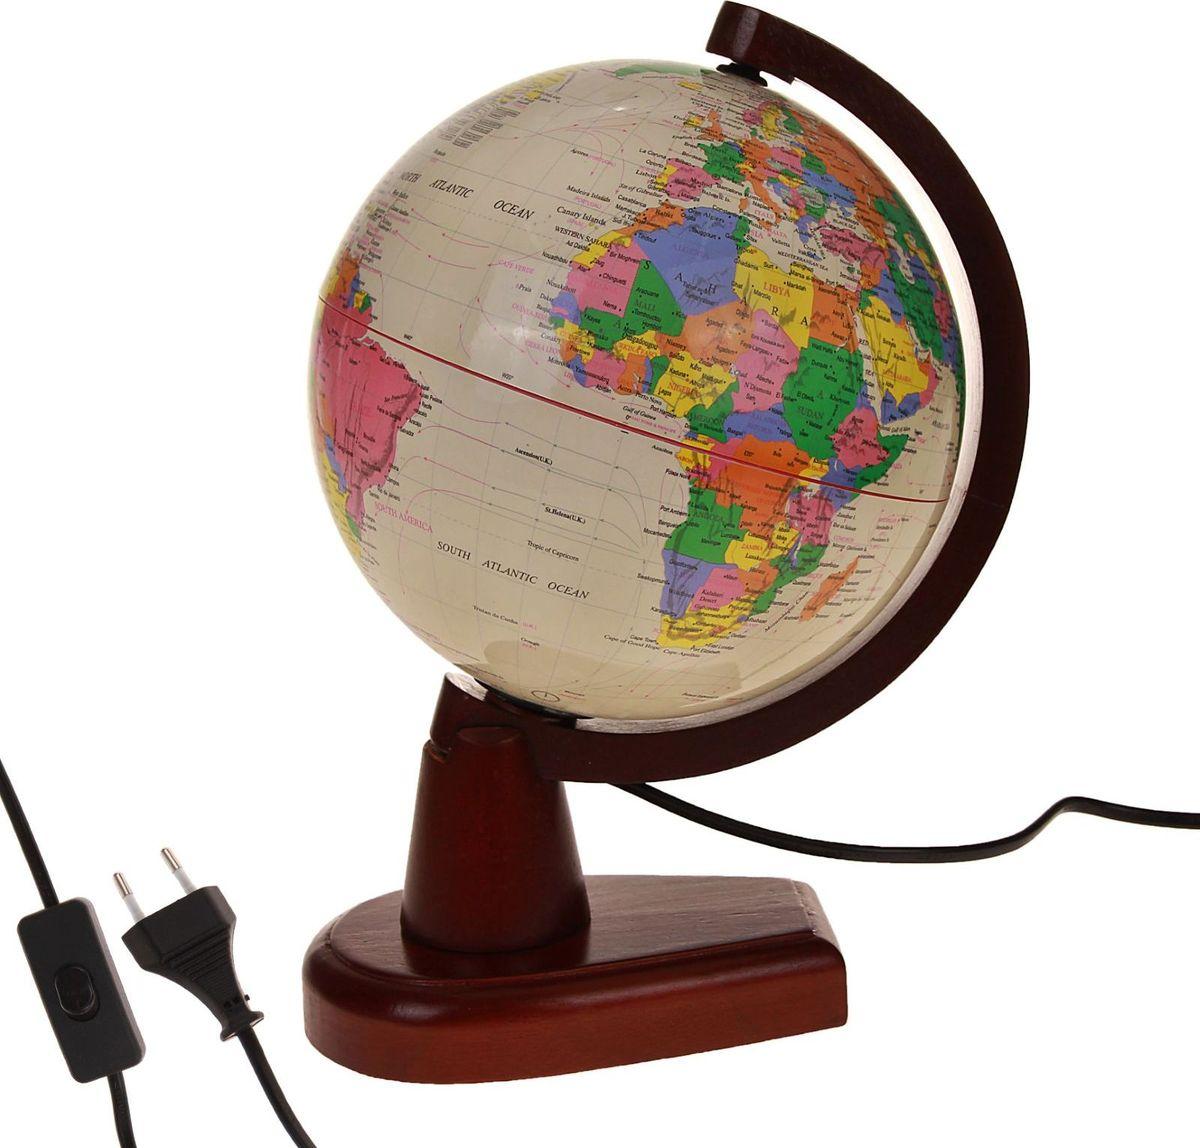 Глобус Политическая карта на английском языке диаметр 20 см -  Канцтовары и организация рабочего места